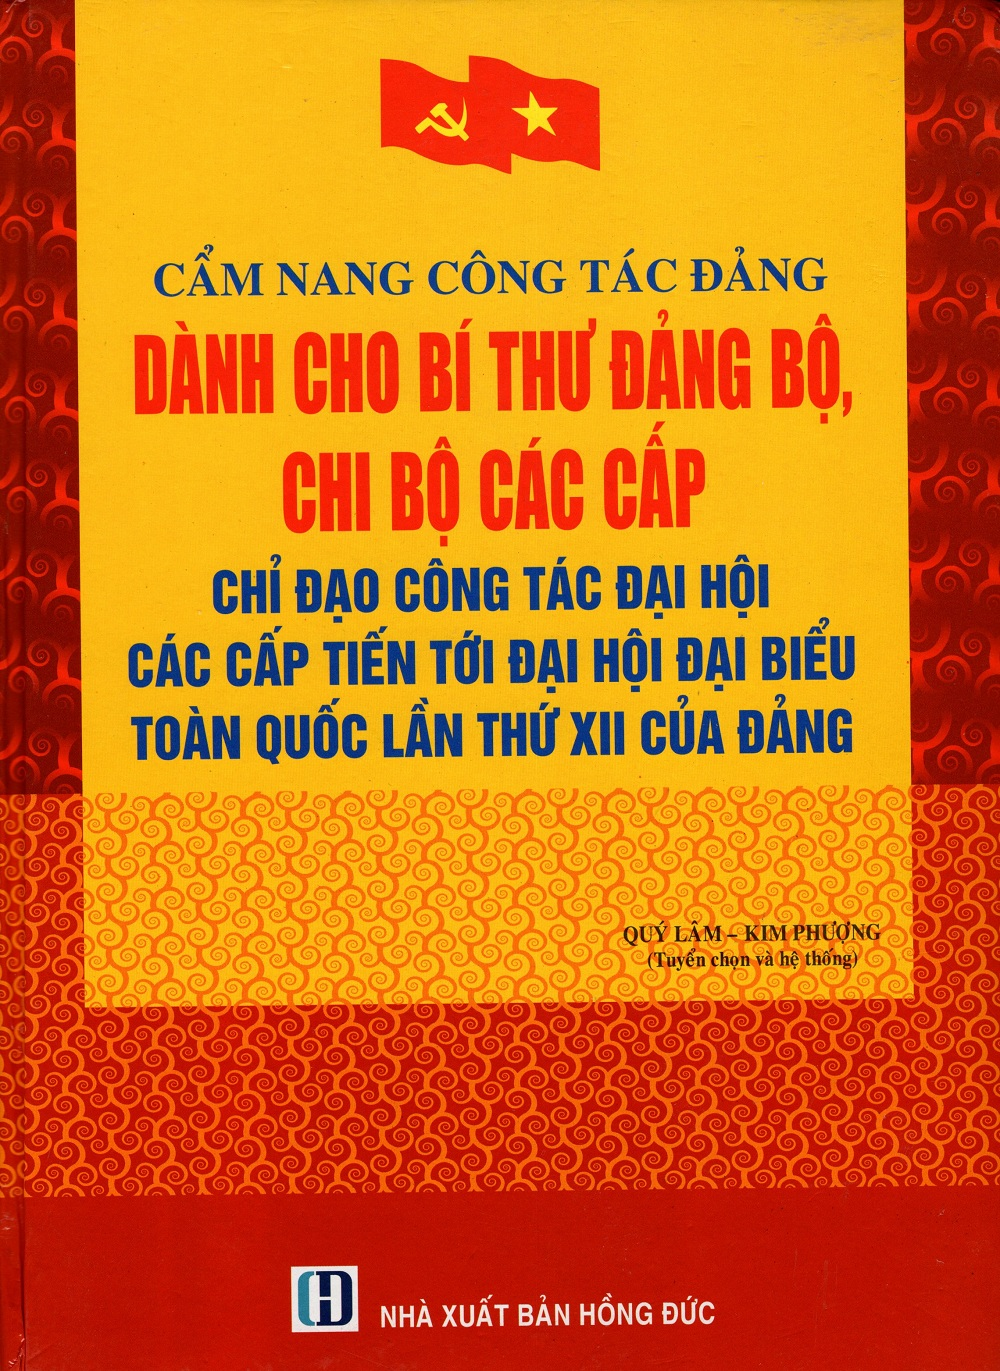 Bìa sách Cẩm Nang Công Tác Đảng Dành Cho Bí Thư Đảng Bộ, Chi Bộ Các Cấp - Chỉ Đạo Công Tác Đại Hội Các Cấp Tiến...